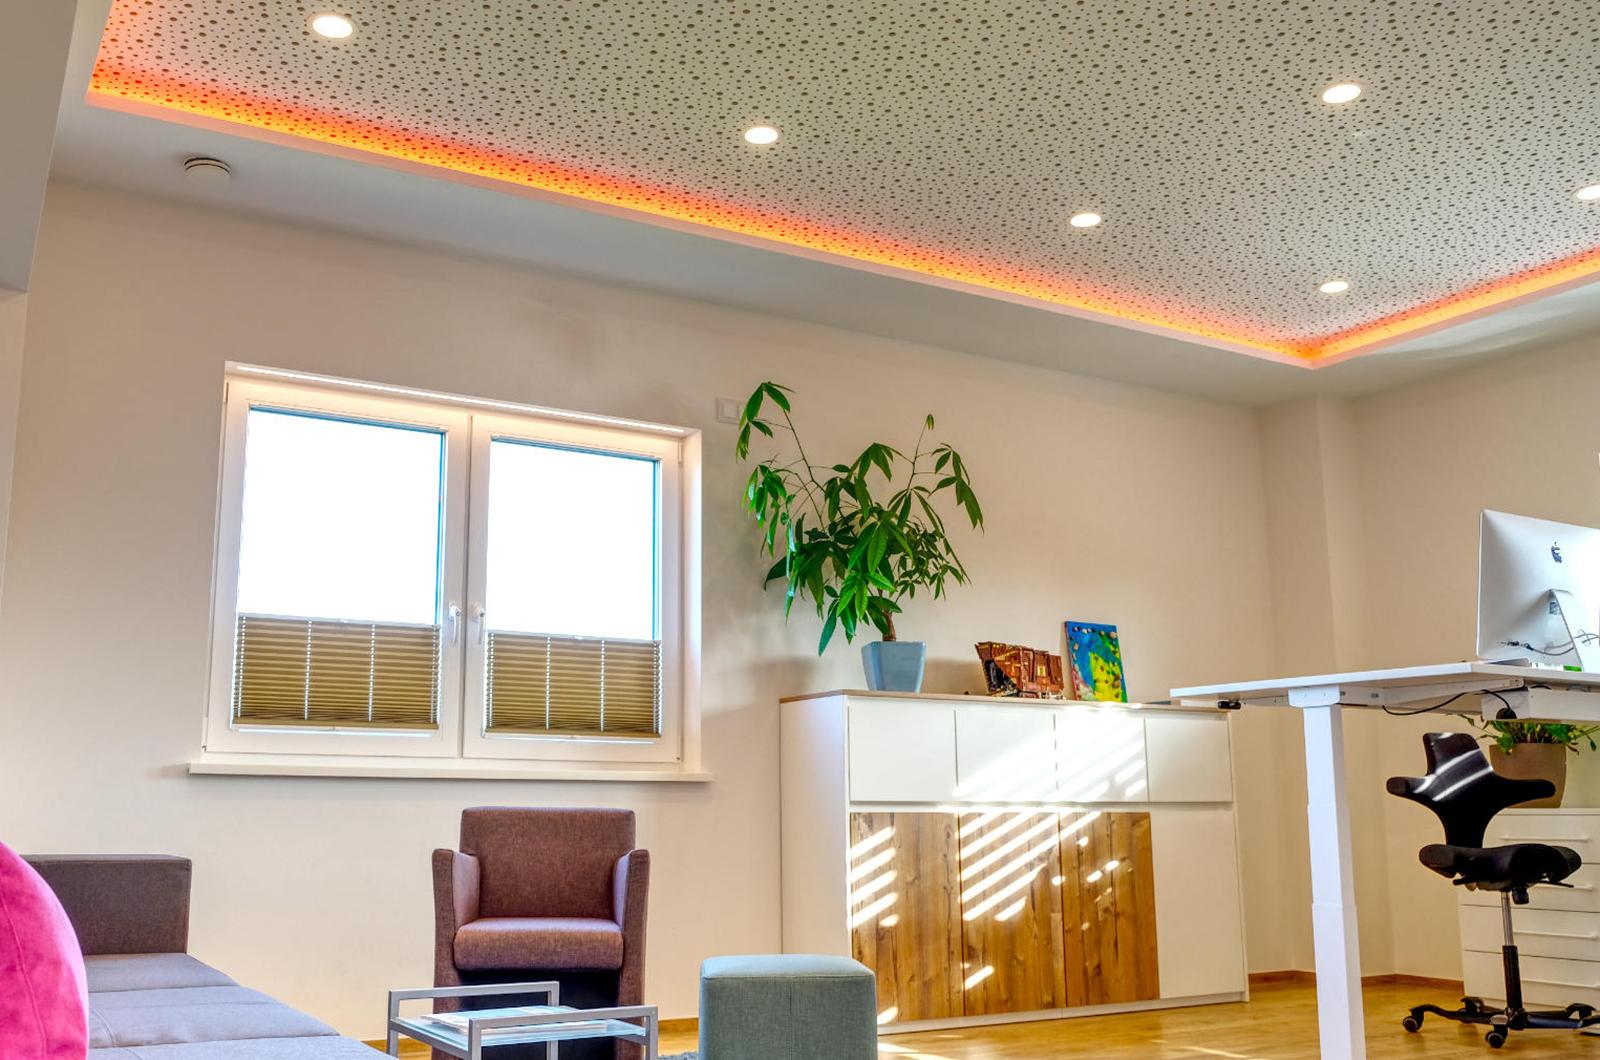 Full Size of Richtige Brobeleuchtung Tipps Tricks Sofa Landhausstil Deckenlampe Schlafzimmer Ausklappbares Bett Deckenleuchte Wohnzimmer Modernes Landhaus Betten Aus Wohnzimmer Moderne Decken Aus Rigips